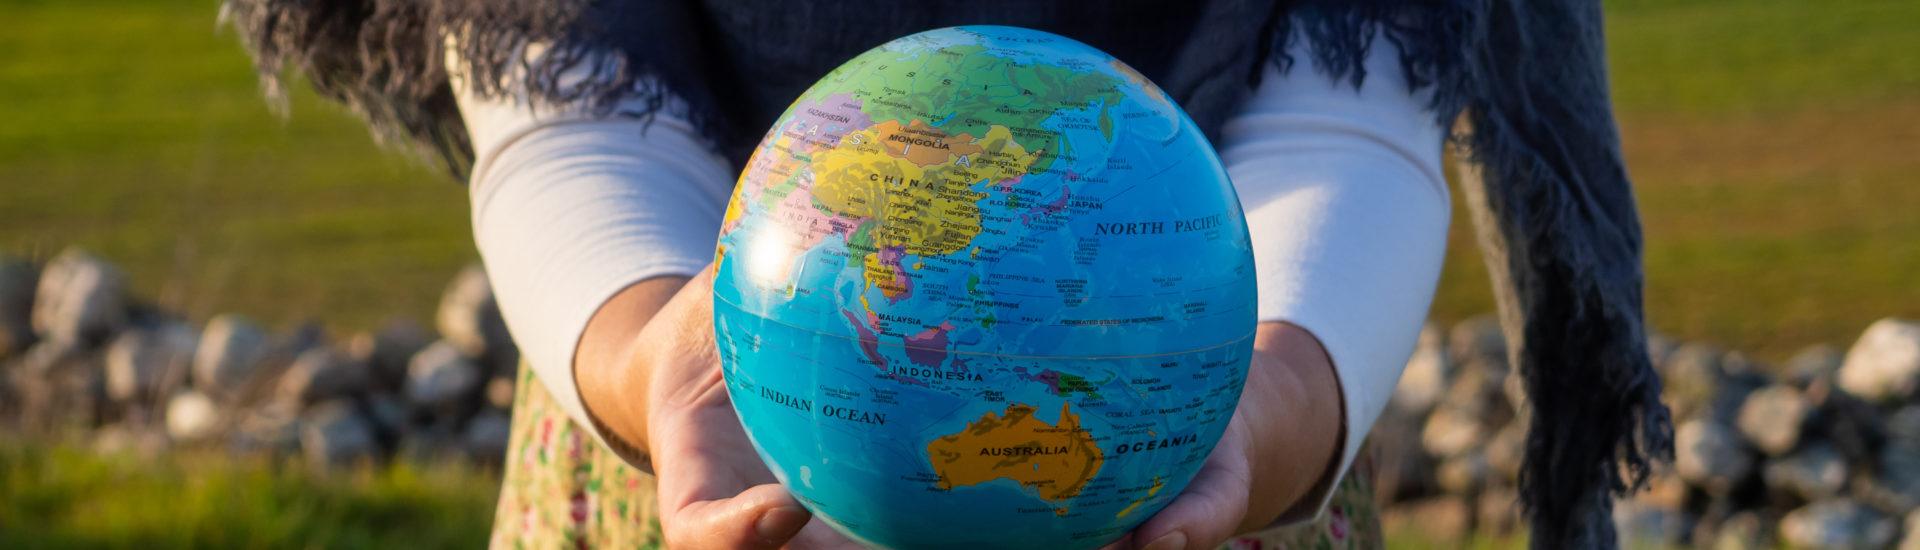 Unsere Schule wird Fairtrade-School